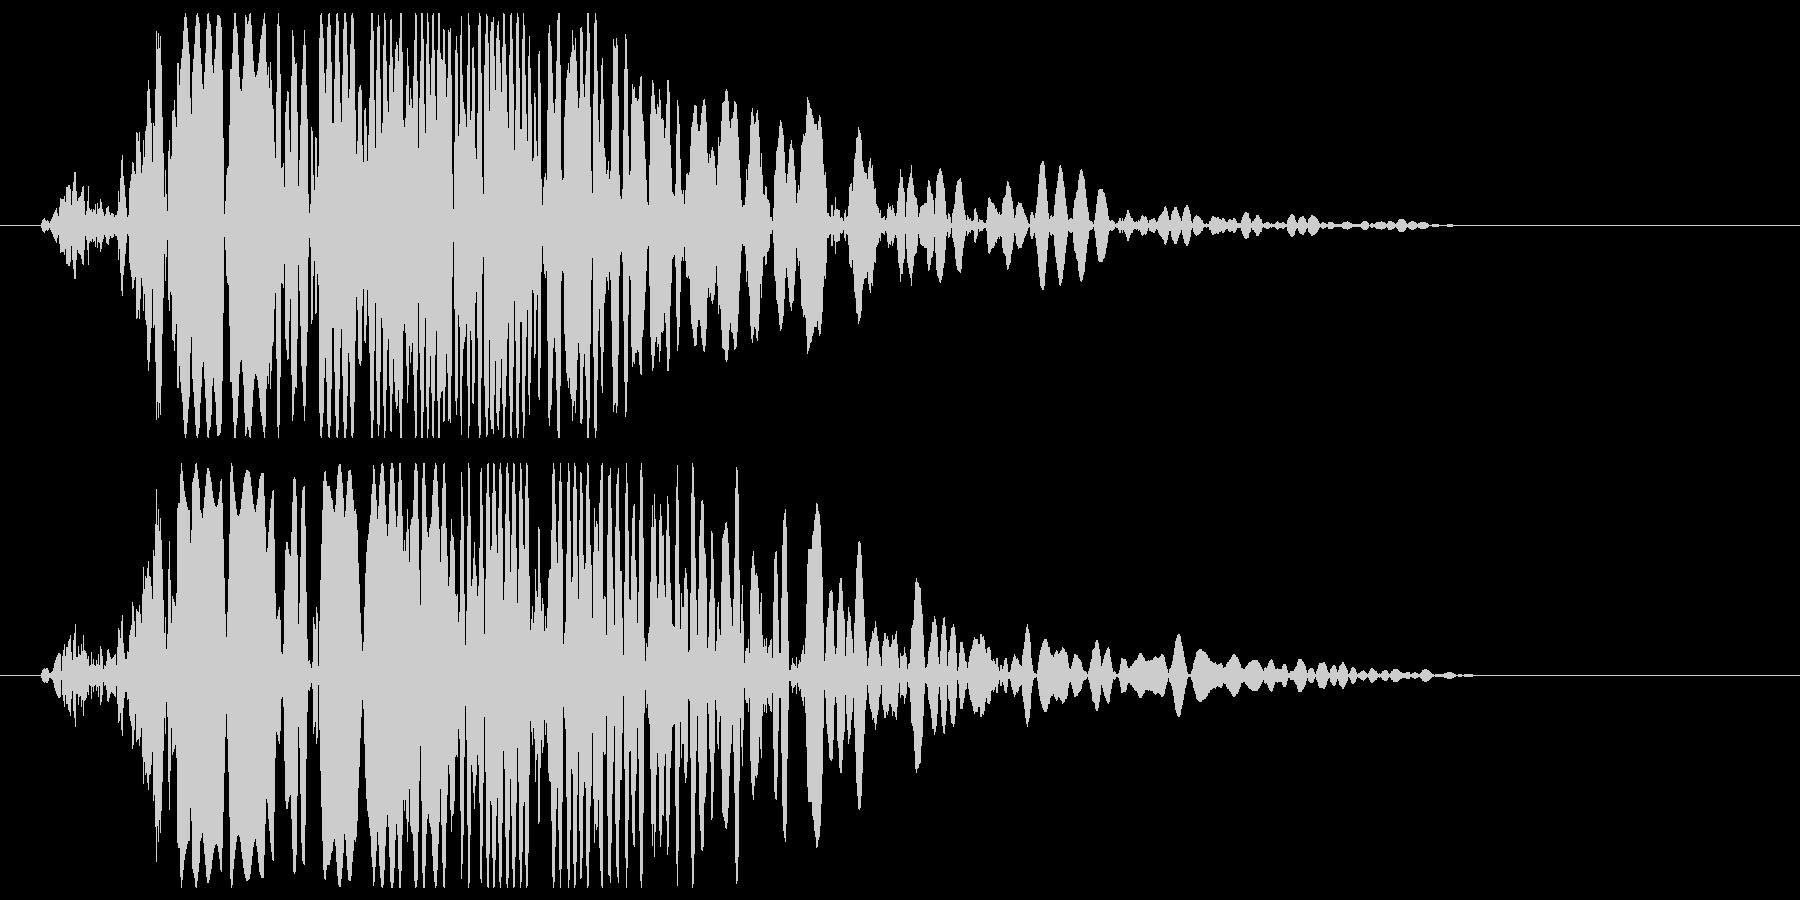 ボコッ (強めの打撃音)の未再生の波形